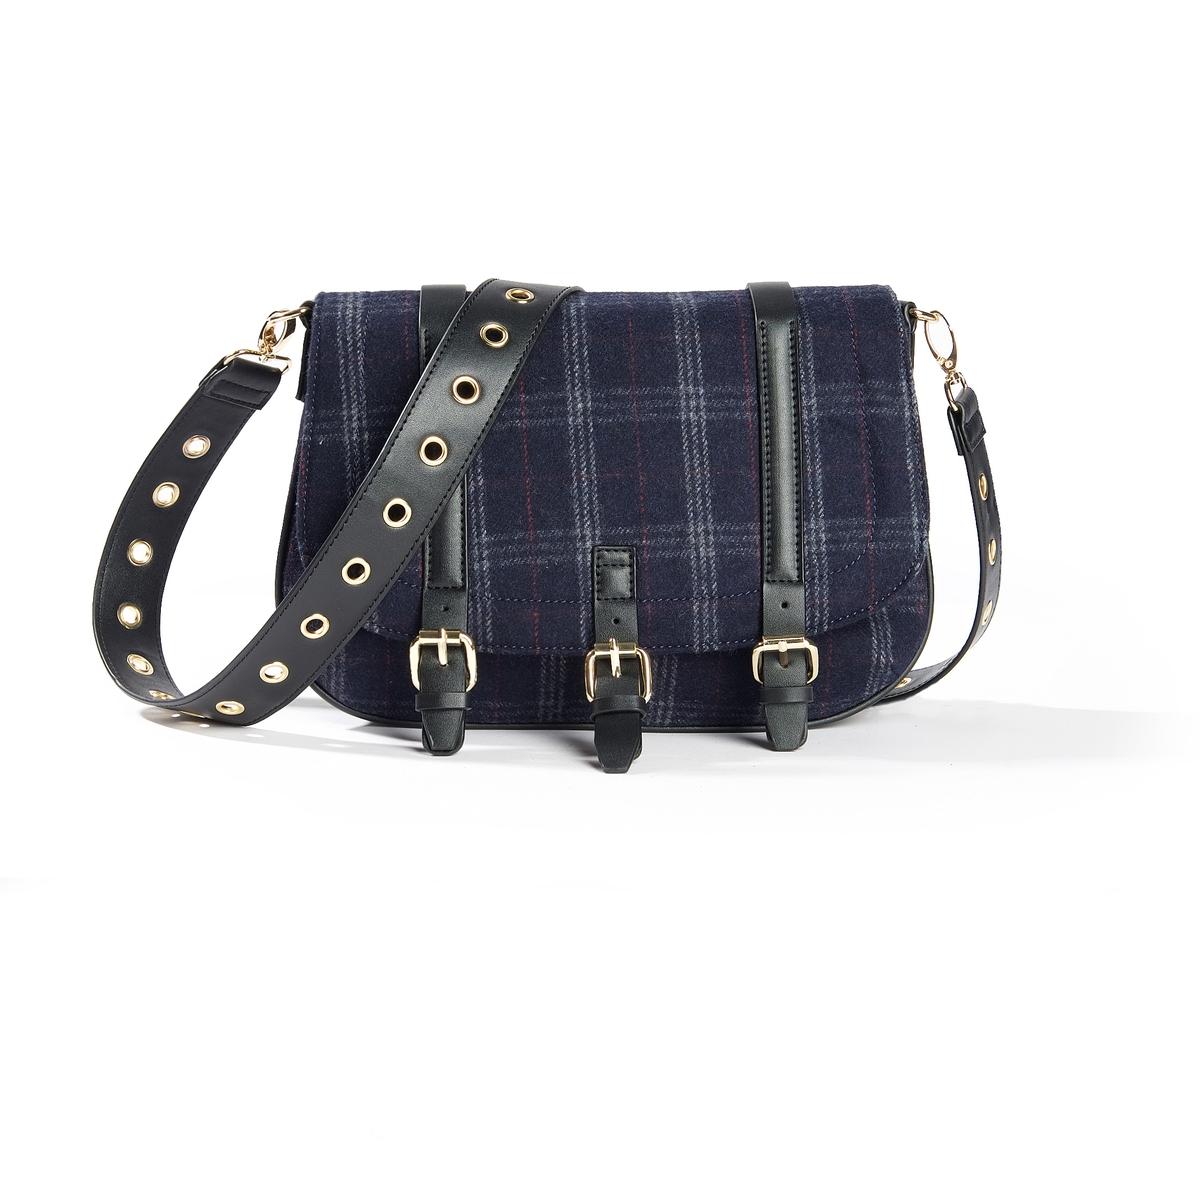 Сумка в клеткуОписание:Удобную и модную сумку можно брать как на прогулку, так и на работу. Состав и описание : Материал : верх из синтетики             подкладка из текстиляМарка : Atelier R. Размер : 30 X 24 X 7 смЗастежка : кнопка на магните1 карман на молнии 2 кармана для мобильного телефона.Регулируемый съемный ремешок<br><br>Цвет: в клетку/синий<br>Размер: единый размер